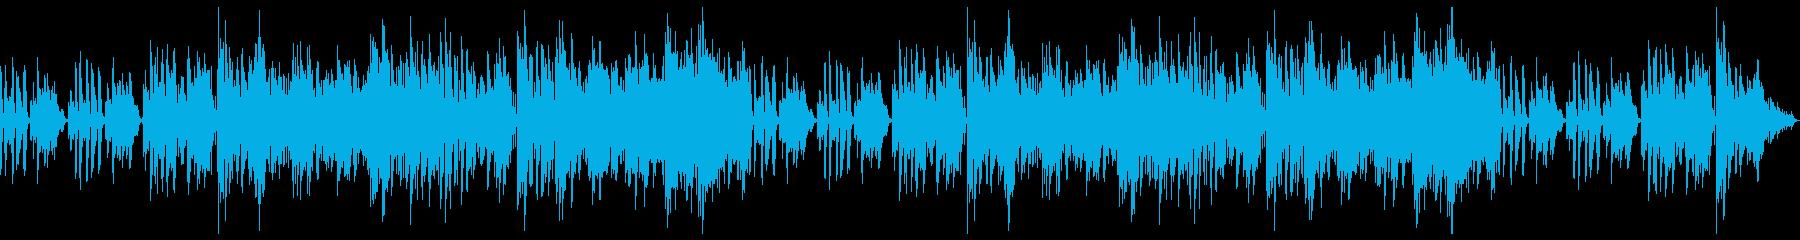 カフェで流れてそうなボサノバ風BGMの再生済みの波形